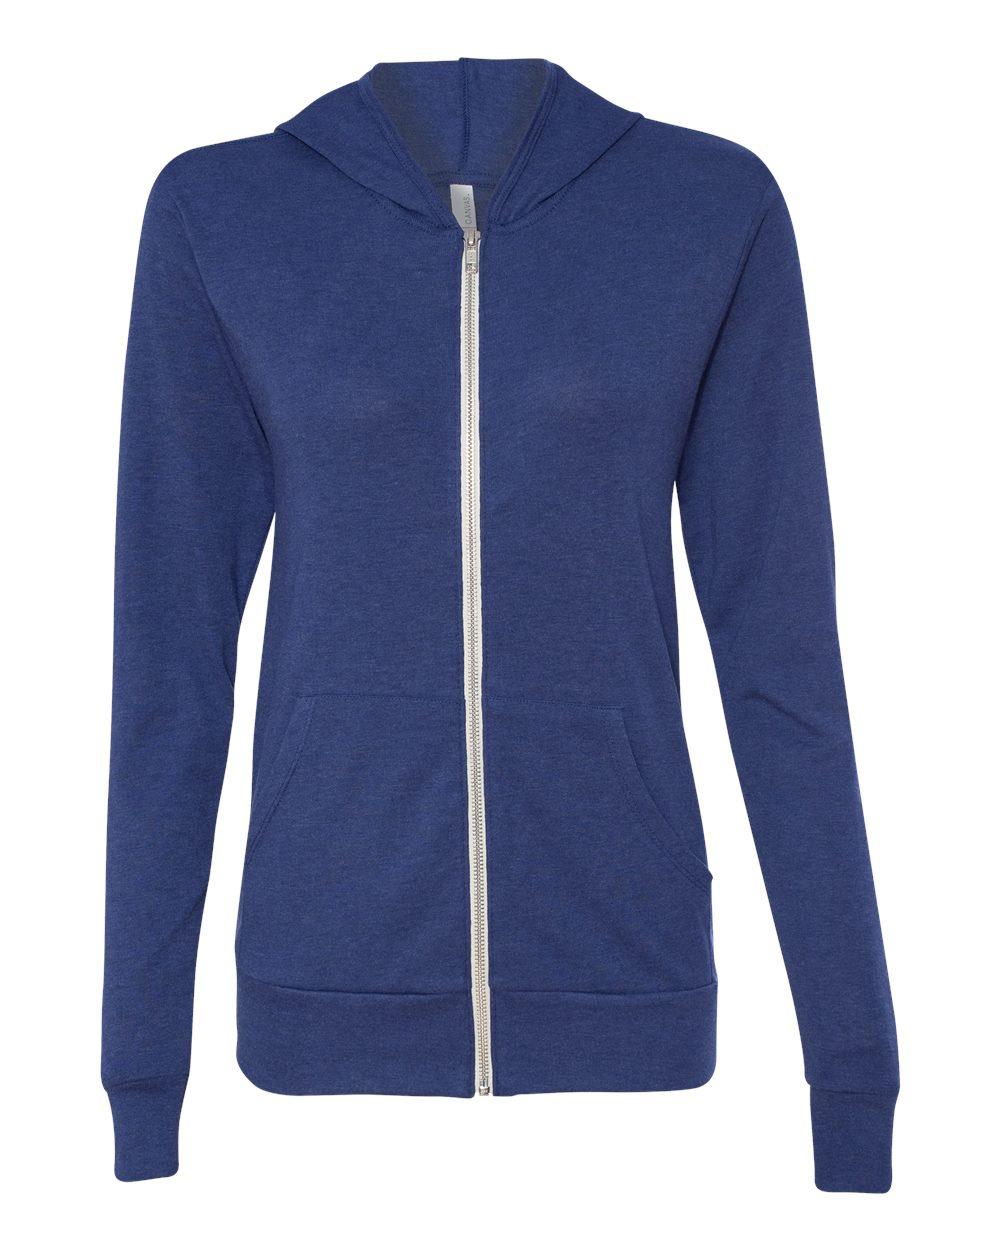 Bella-Canvas-Unisex-Triblend-Lightweight-Hooded-Full-Zip-T-Shirt-3939-upto-2XL thumbnail 21